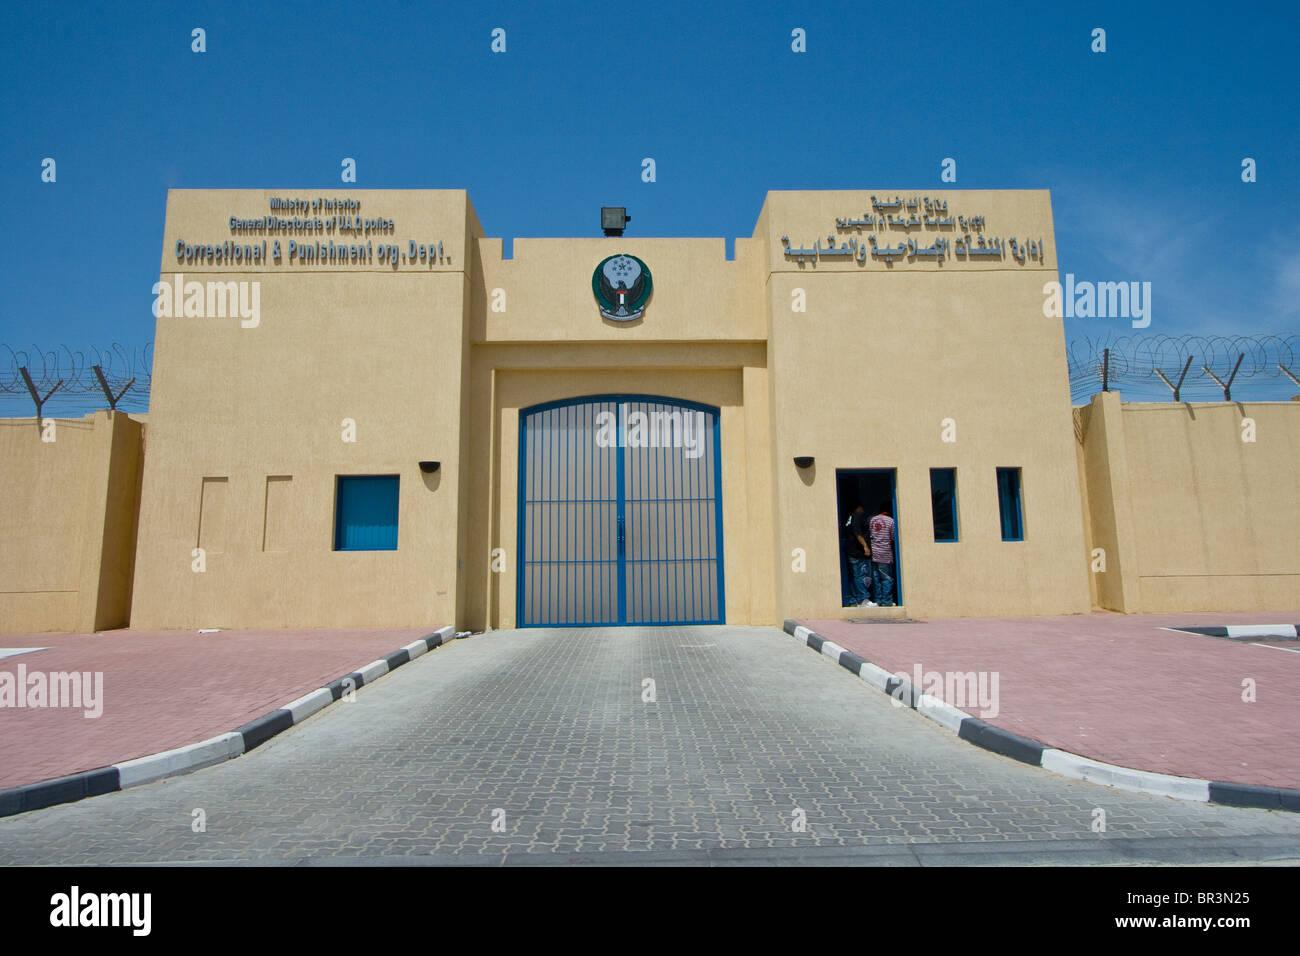 Fish aquarium in umm al quwain - Prison In Umm Al Quwain Uae Stock Image